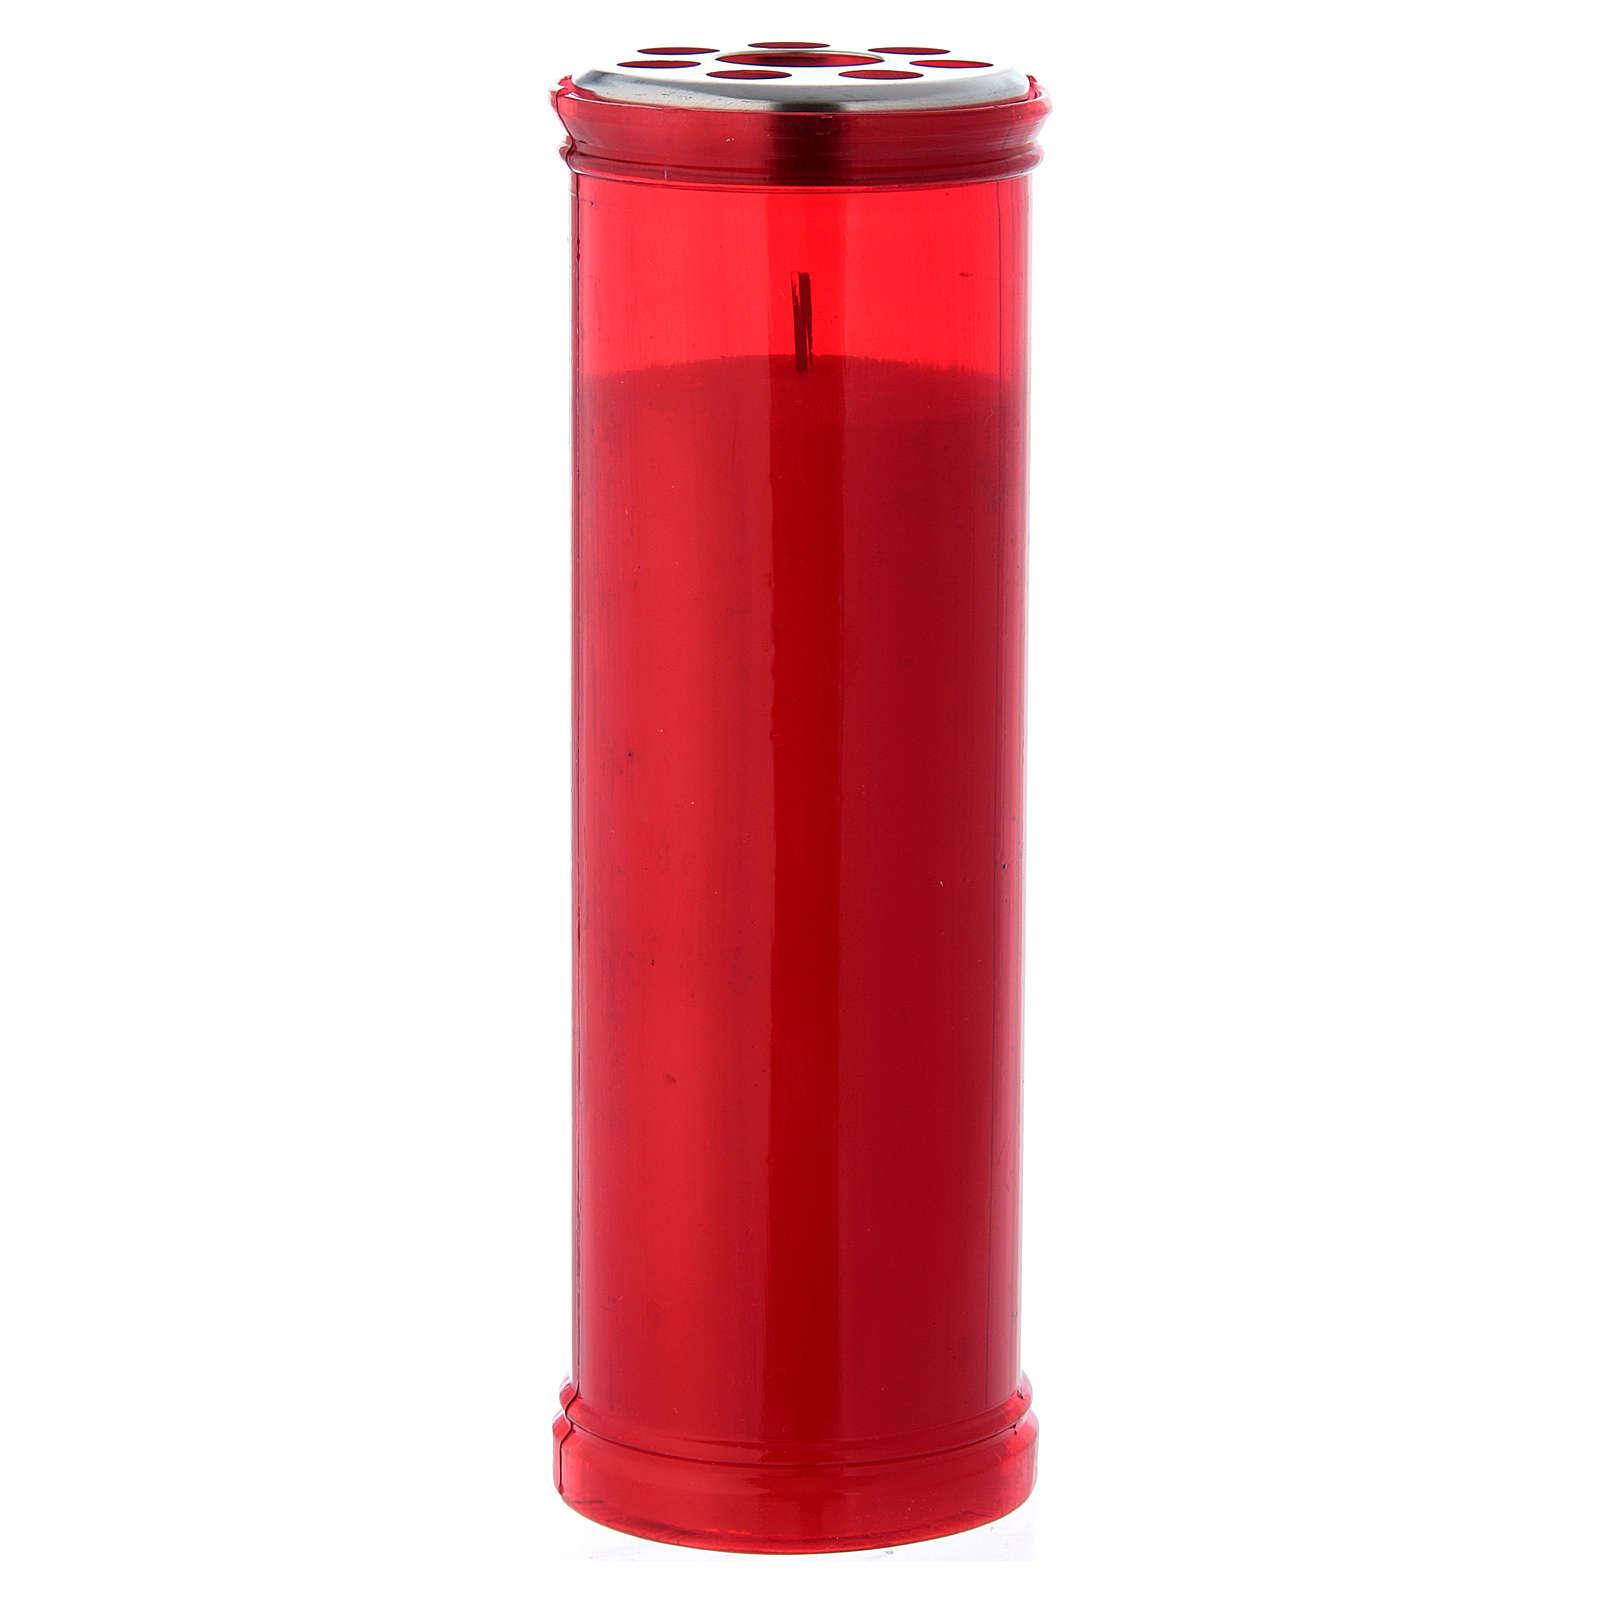 Vela votiva cor vermelha T50 com cera branca 3